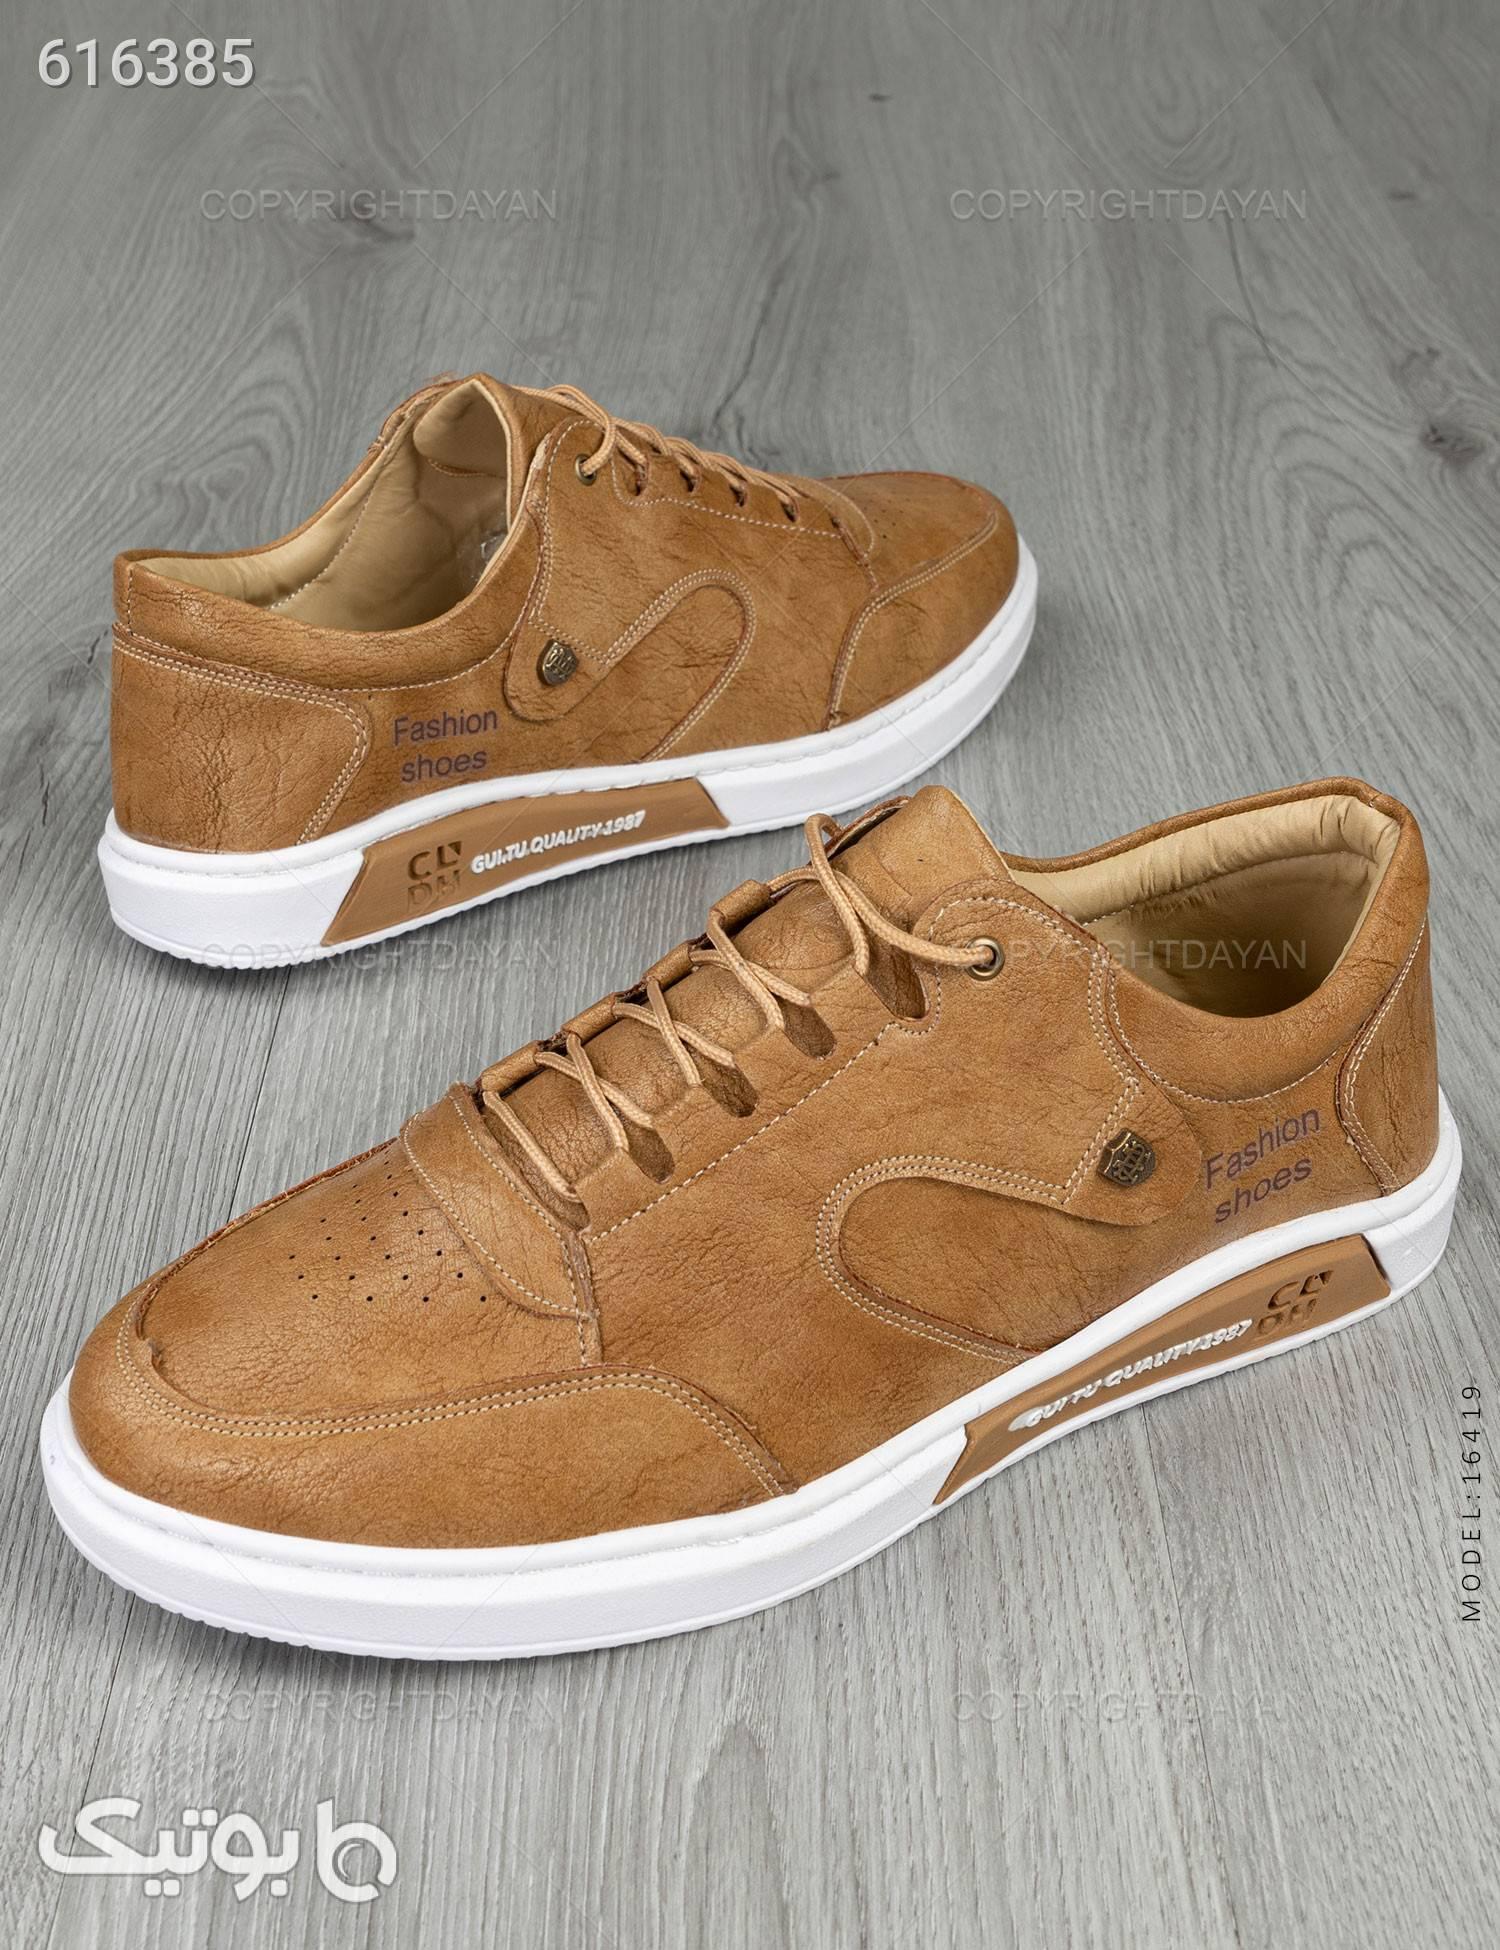 کفش مردانه Fashion مدل 16419 قهوه ای كفش مردانه